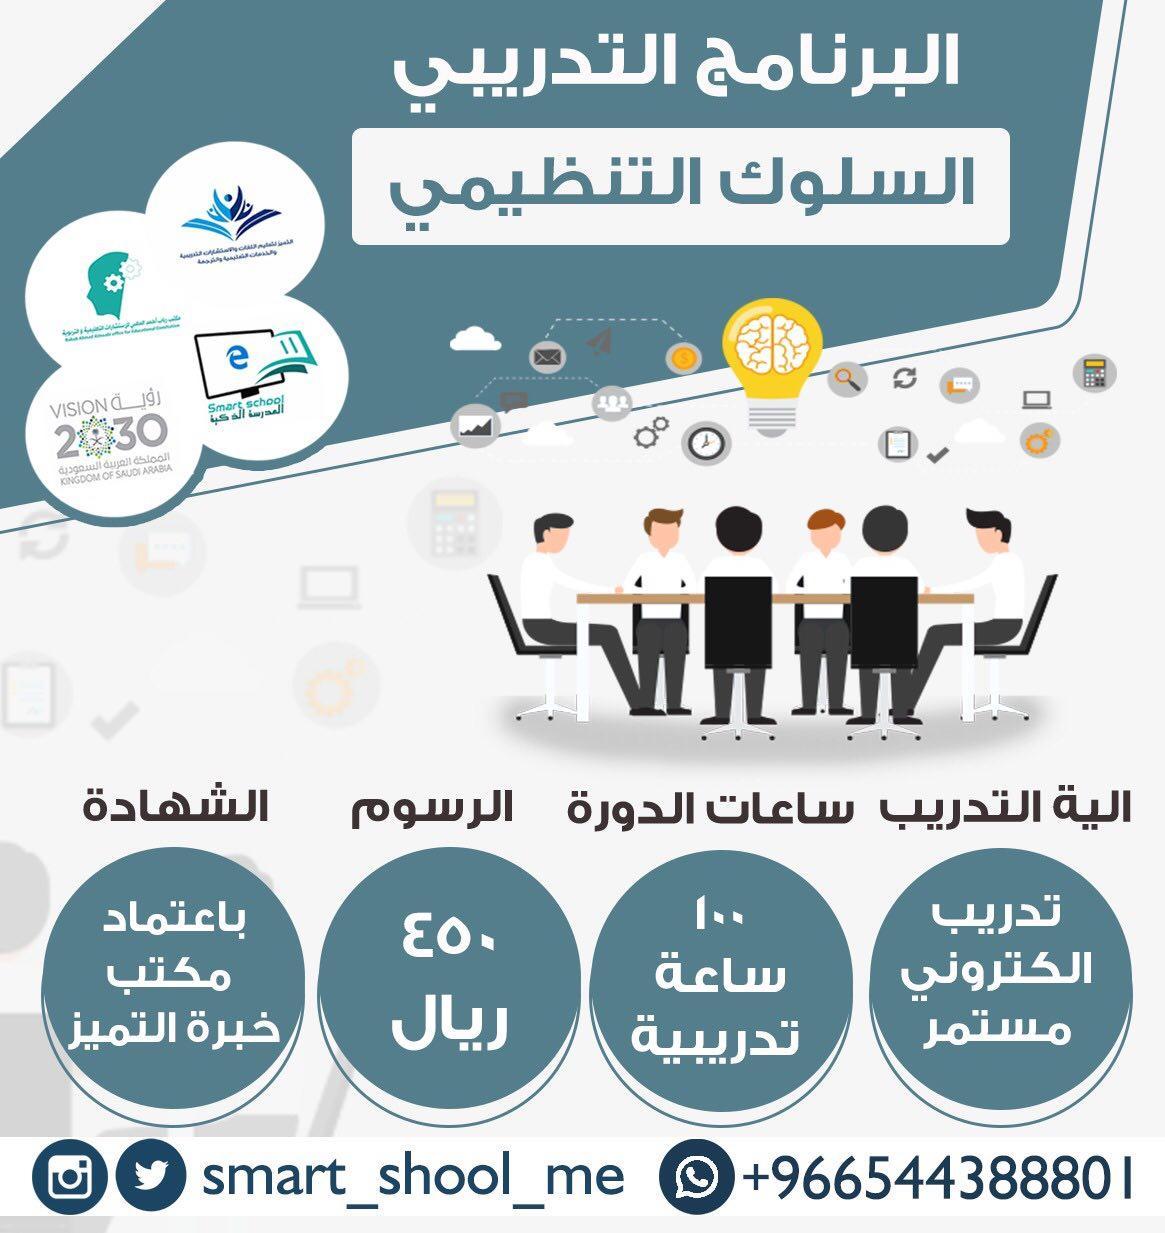 البرنامج التدريبي (السلوك التنظيمي) الكتروني 830160579.jpg